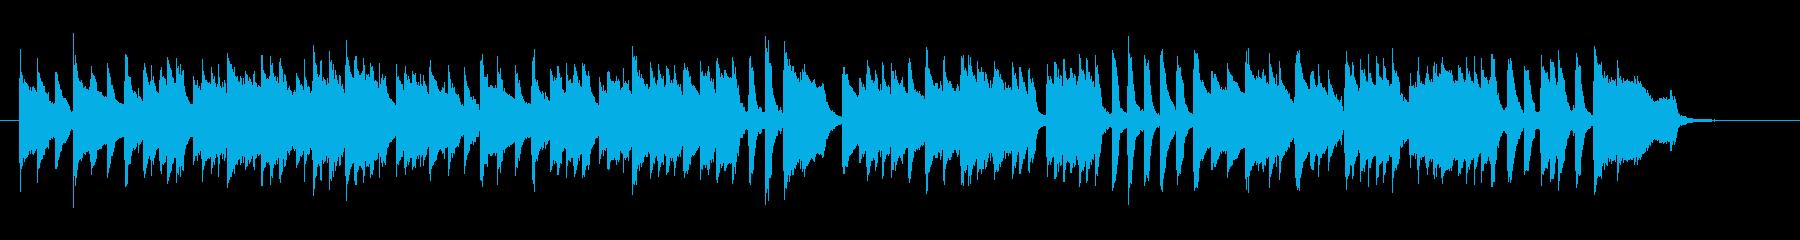 ト短調のメヌエットをチェンバロでの再生済みの波形